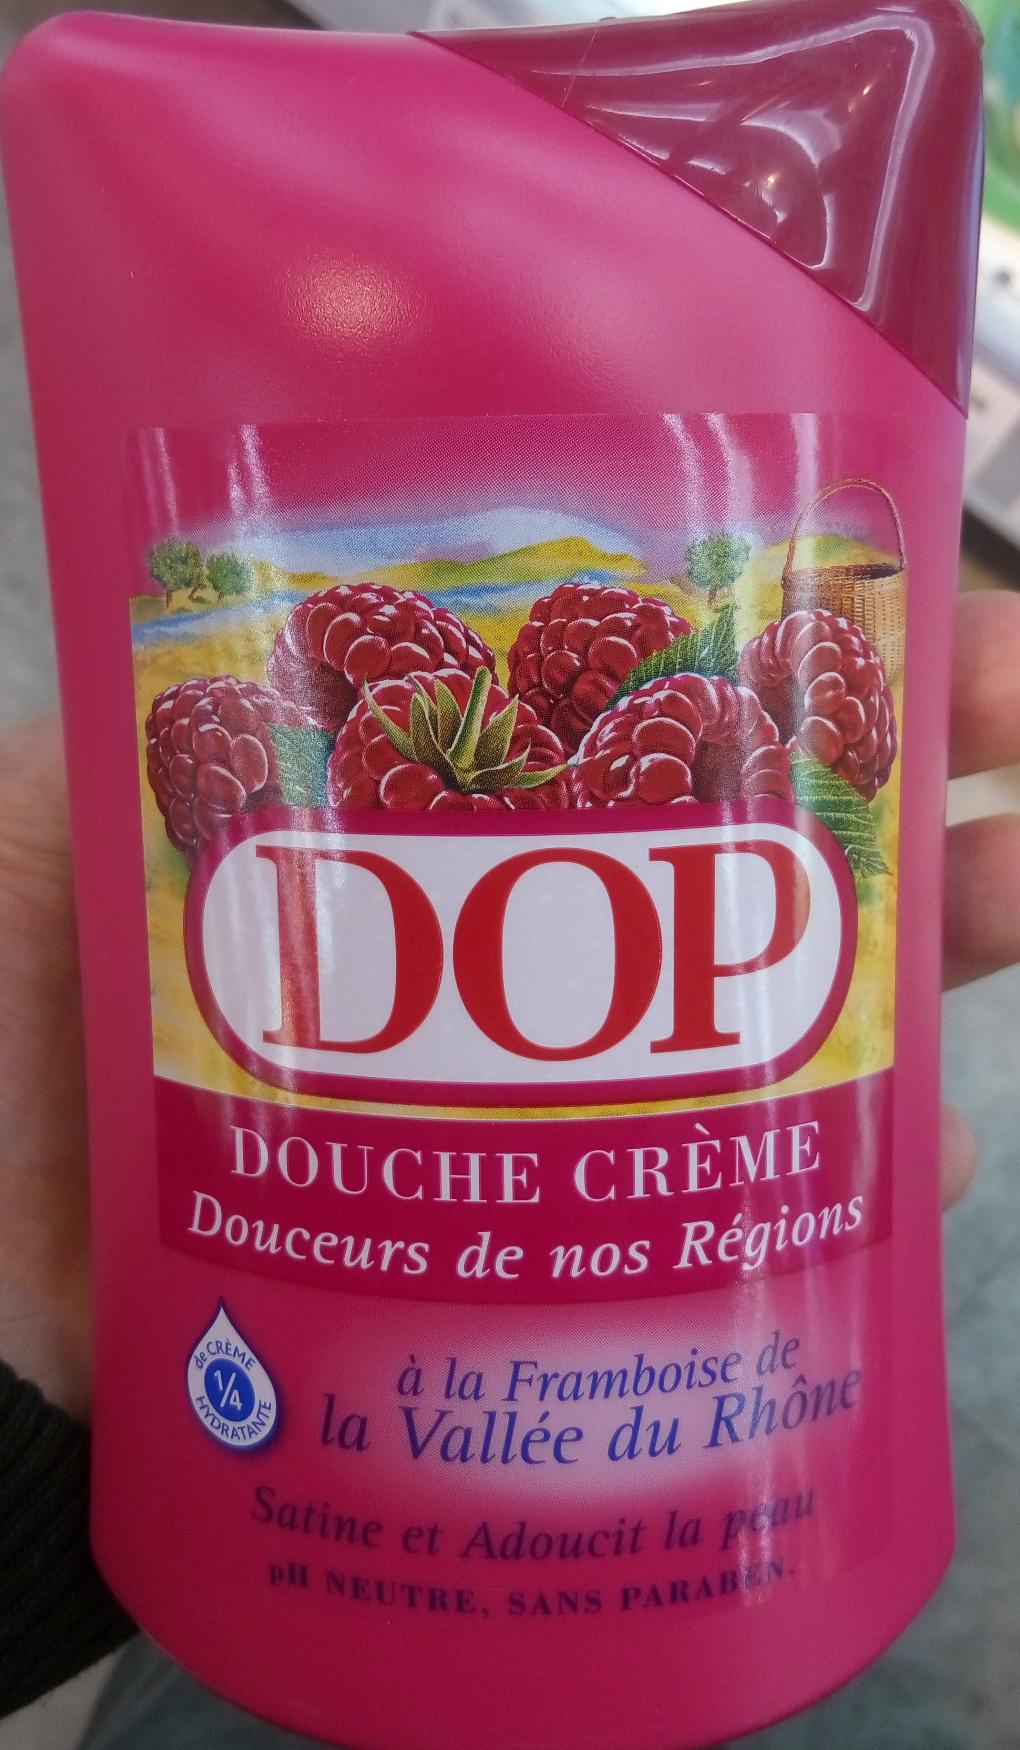 Douche crème douceurs de nos régions à la framboise de la vallée du Rhône - Product - fr